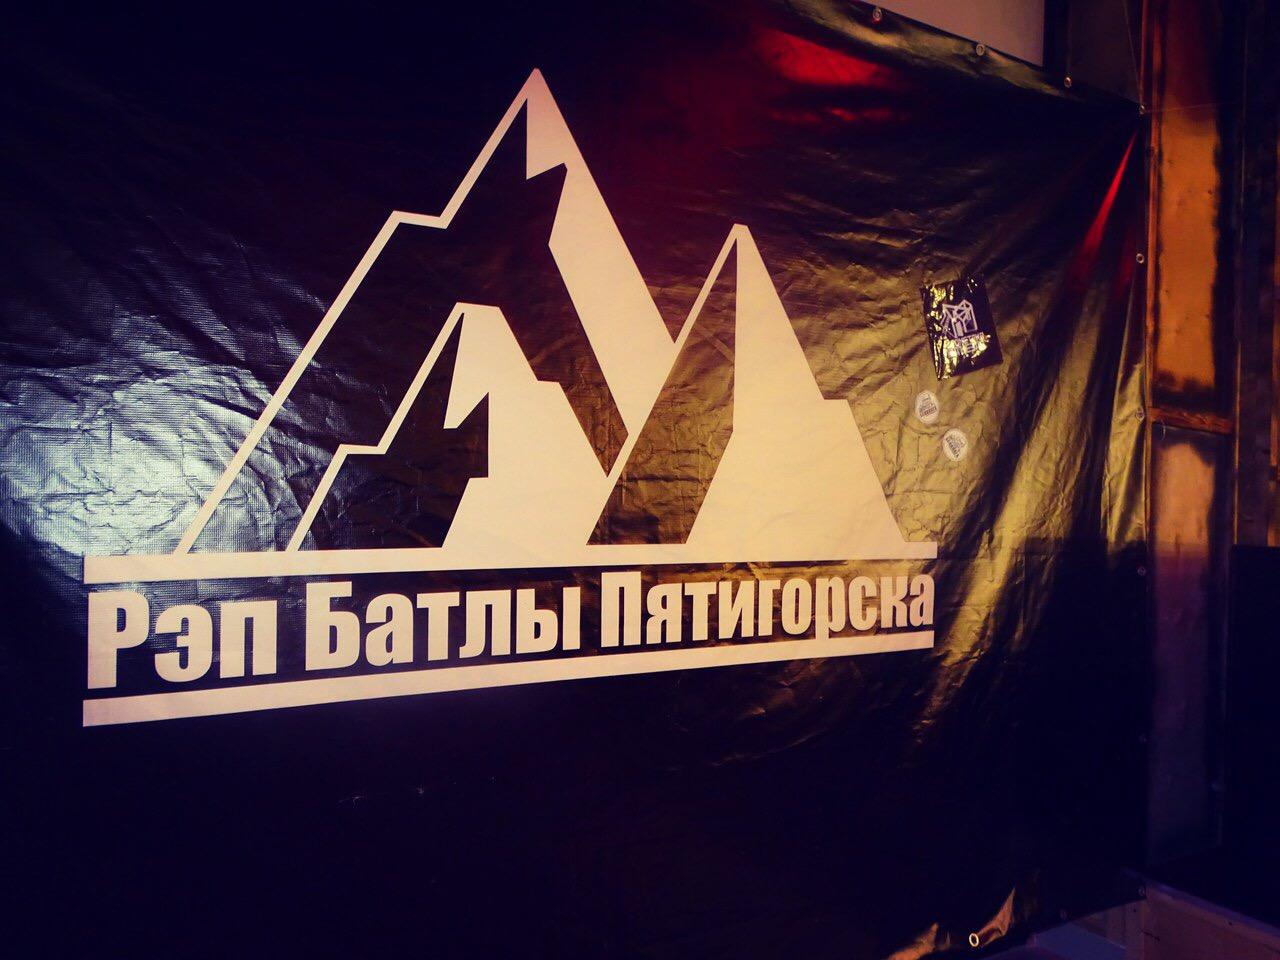 Афиша Пятигорск 20.08.18, 17:00, Рэп-батл: РБП / Sevenone VS Ynd